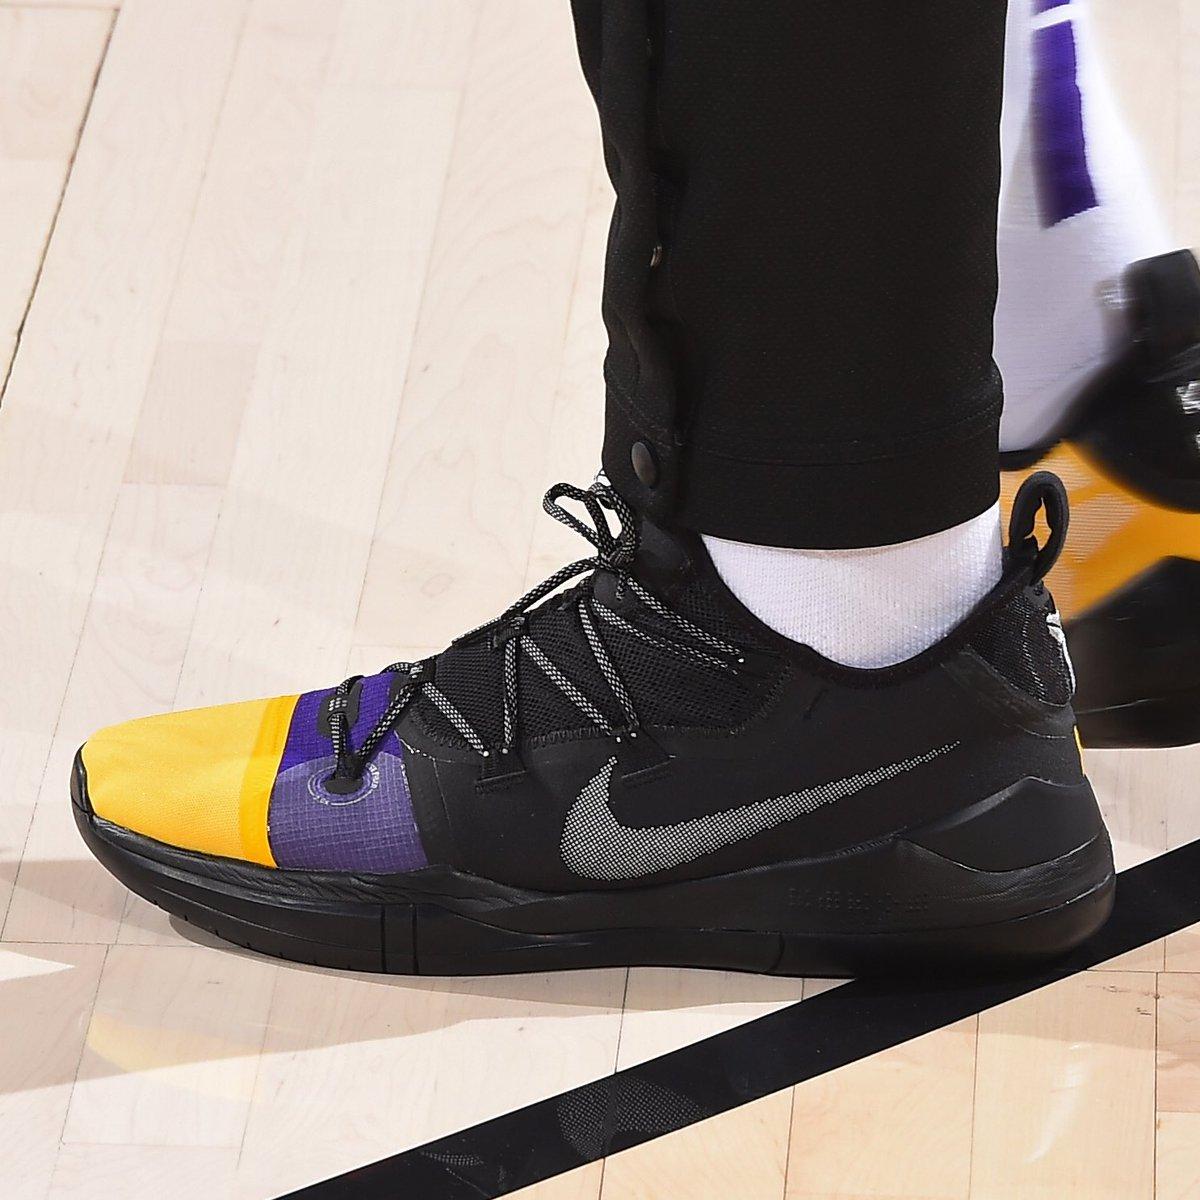 look for 22d77 f2dd3 Nike Kobe : SoleWatch kylekuzma rocking Nike Kobe ...